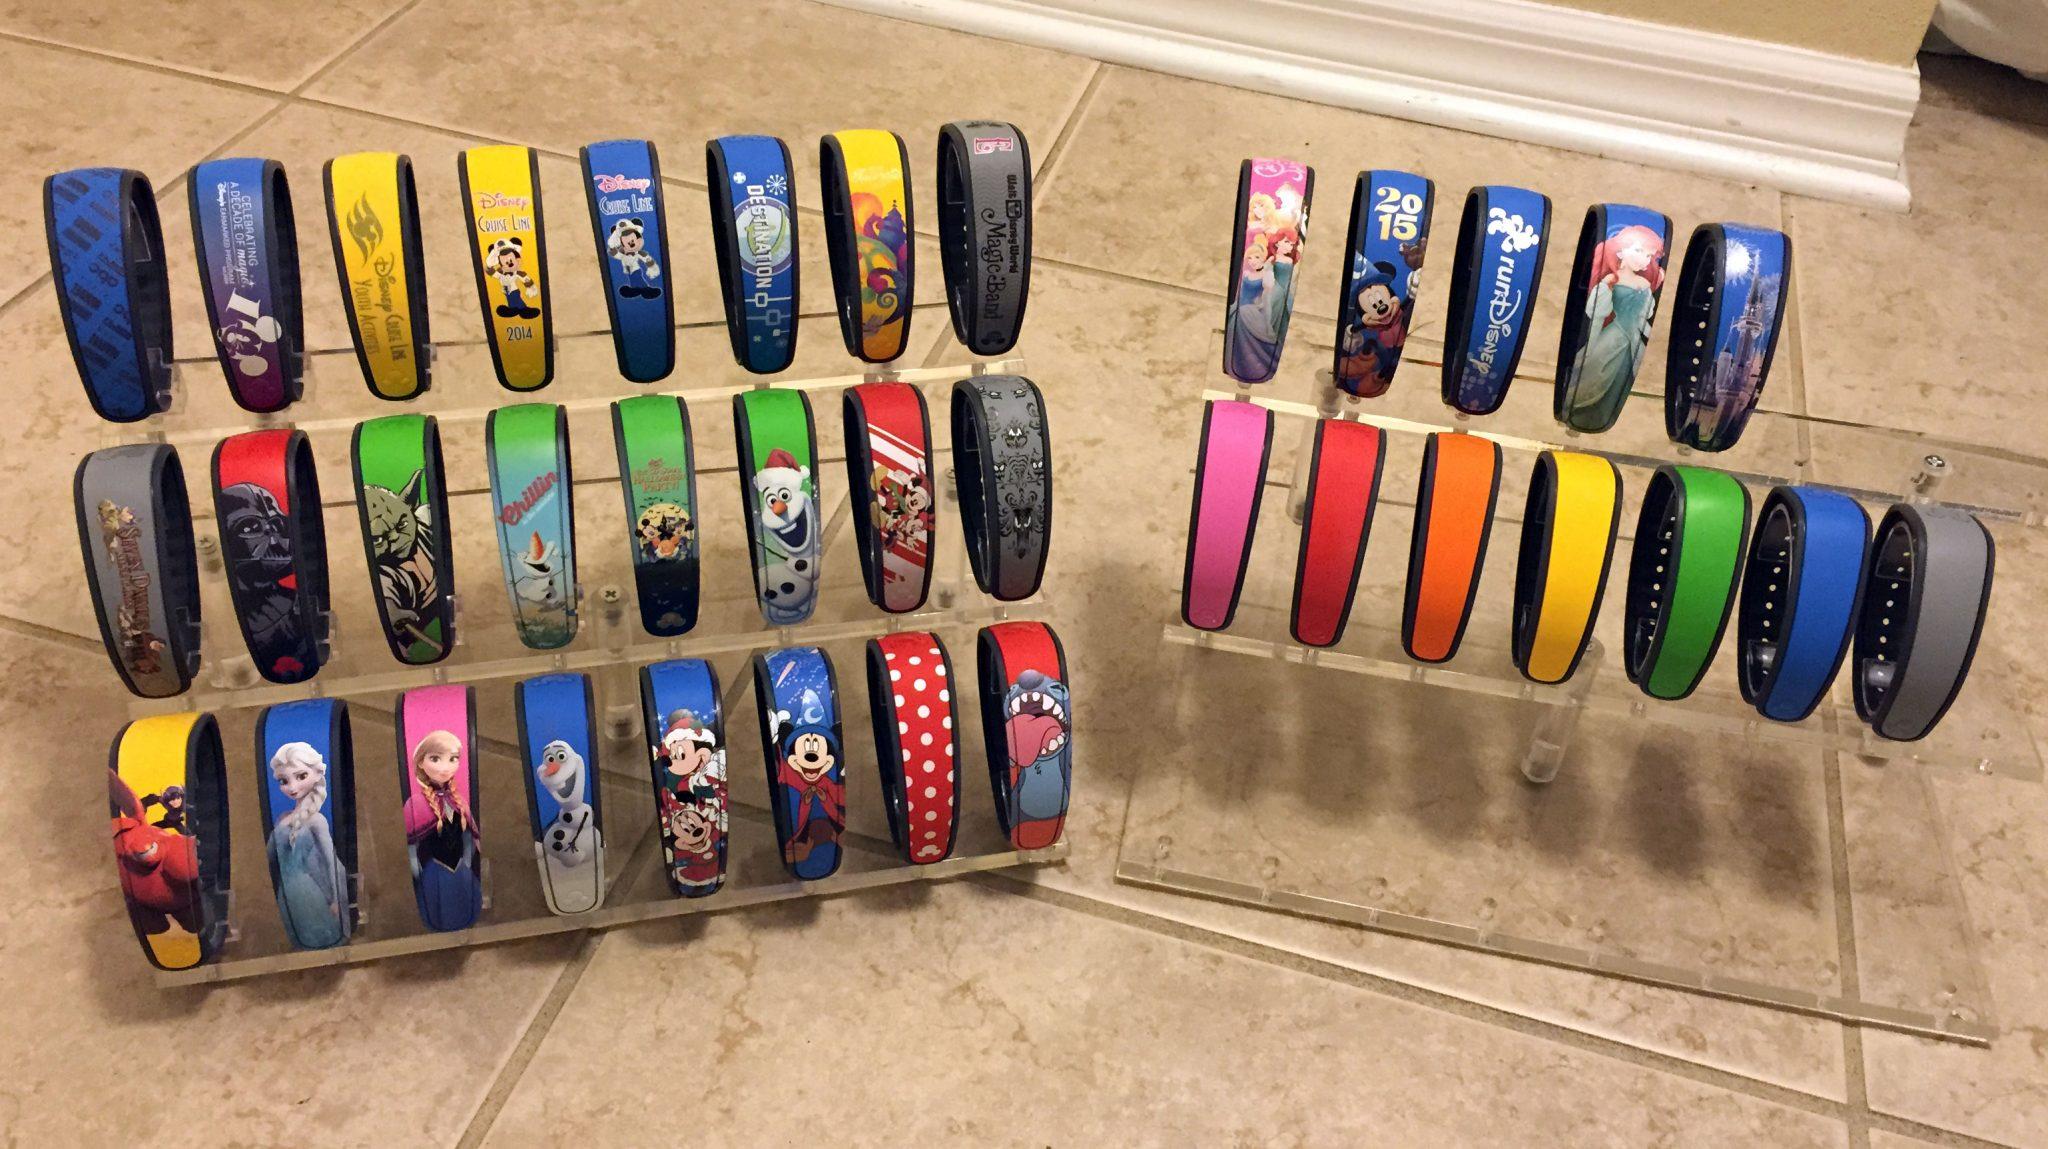 As MagicBands especiais são vendidas em todos os parques e resorts da Disney, e custam de US$20 a US$50. As básicas coloridas são vendidas por aproximadamente US$13. | (c) MagicBand Collector